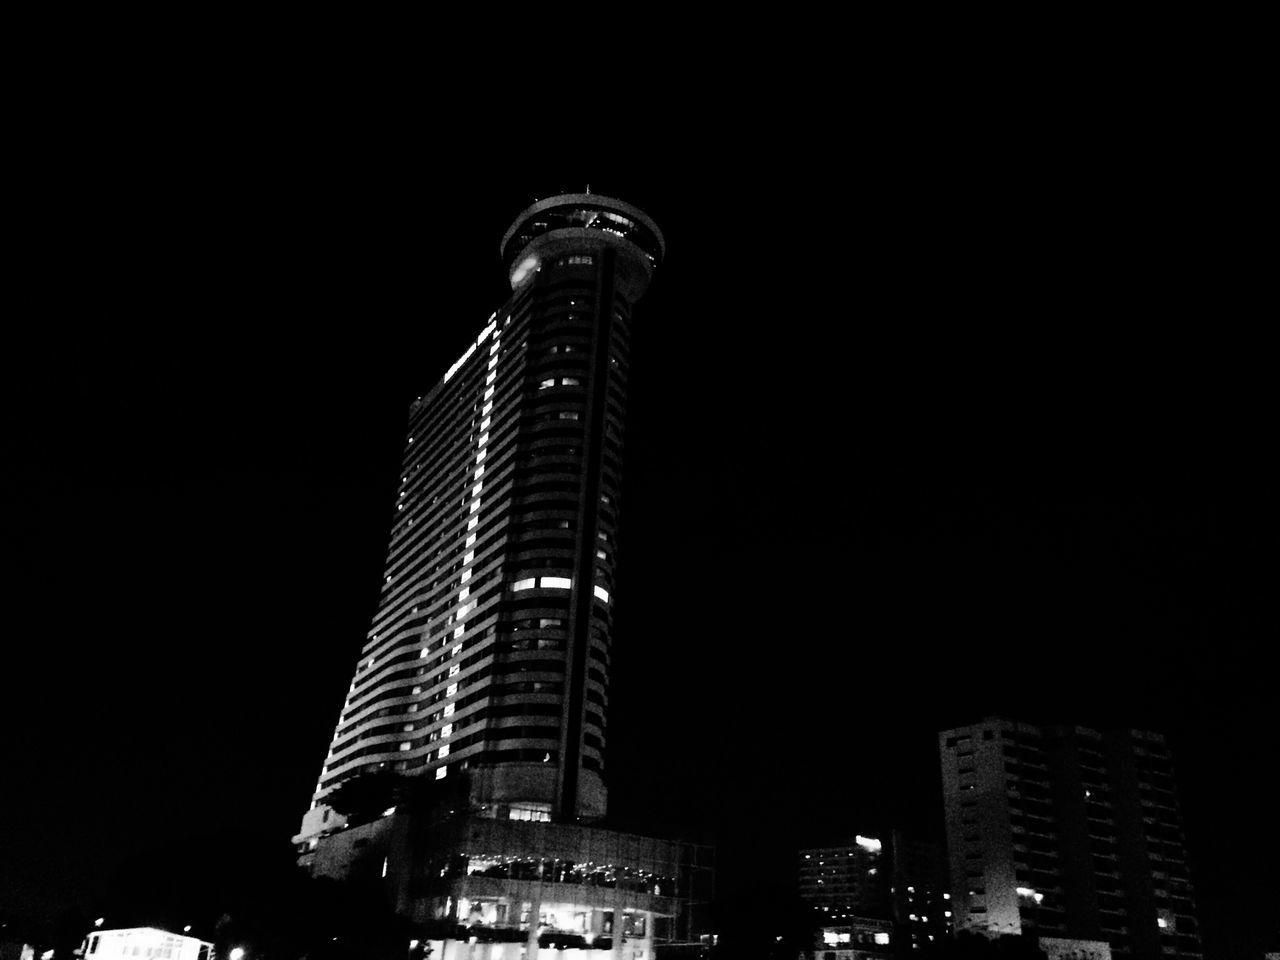 Bangkok Bangkok Thailand. Bangkok Thailand Bangkok City Bangkok Life... Hilton Hotel Hilton Hiltonhotel Thailand Thailand_allshots Thai ASIA Asian  Showcase: February